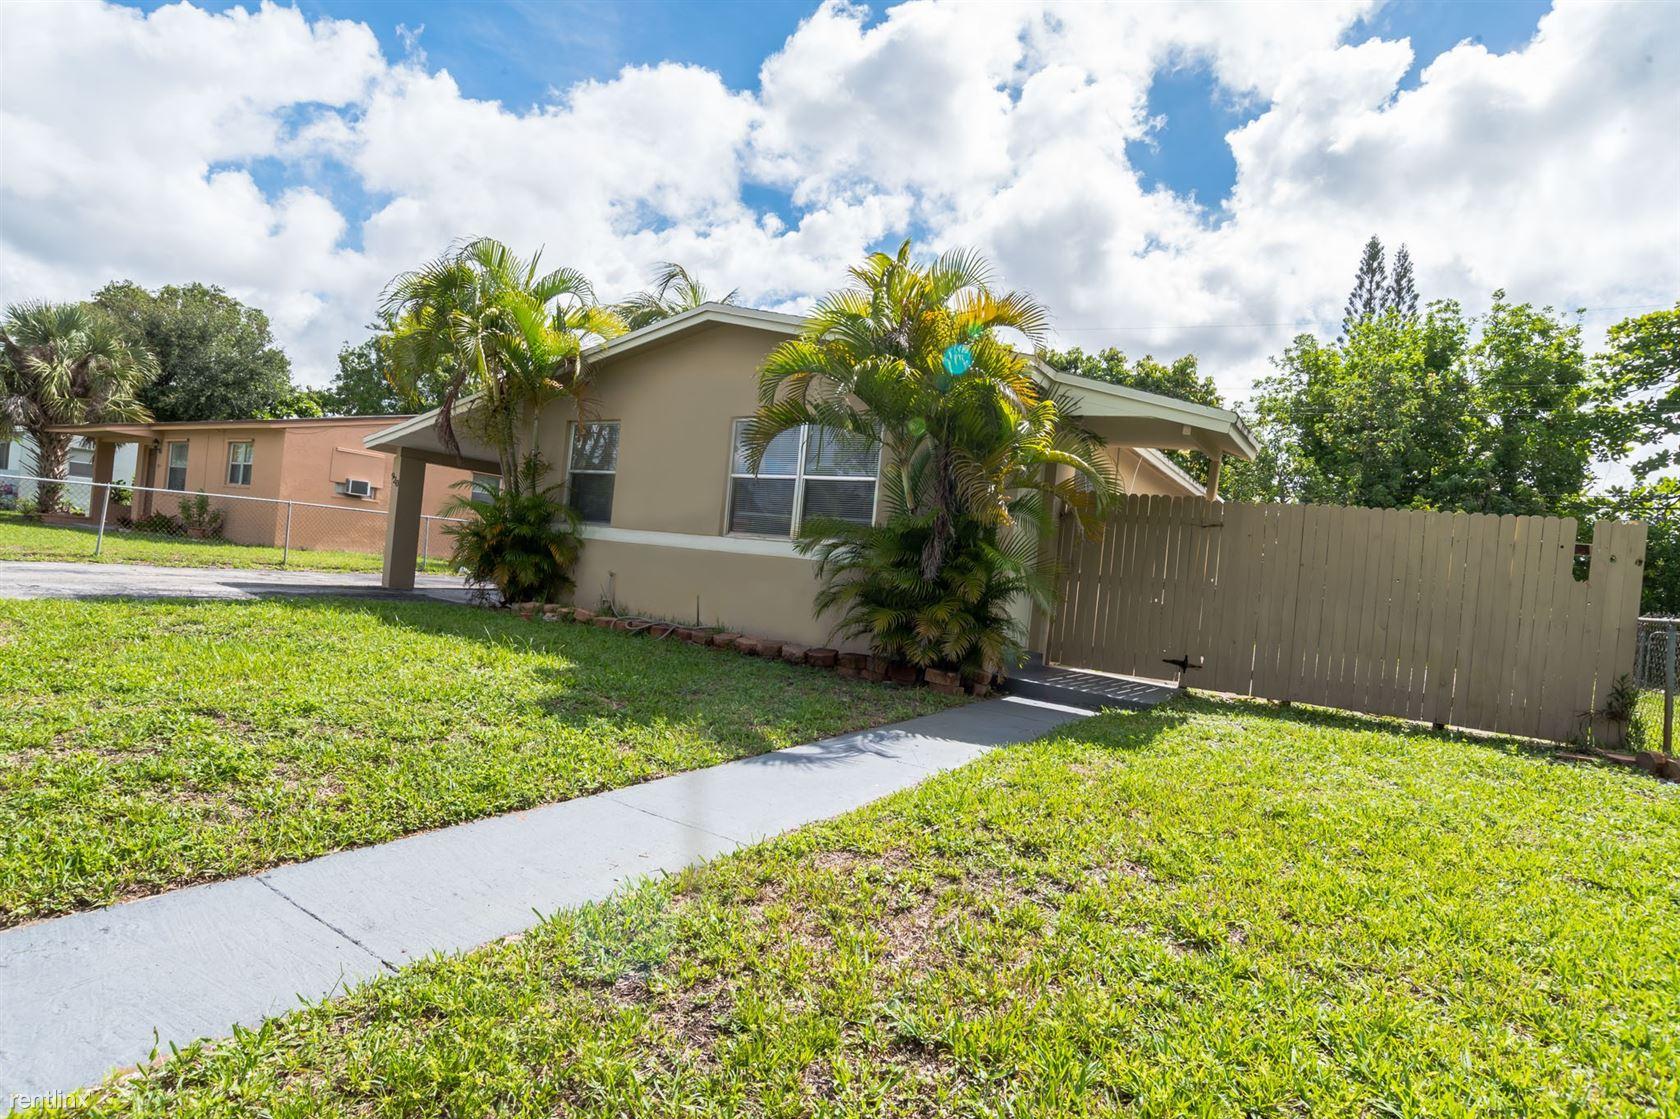 920 NW 34 WY, Lauderhill, FL - $1,599